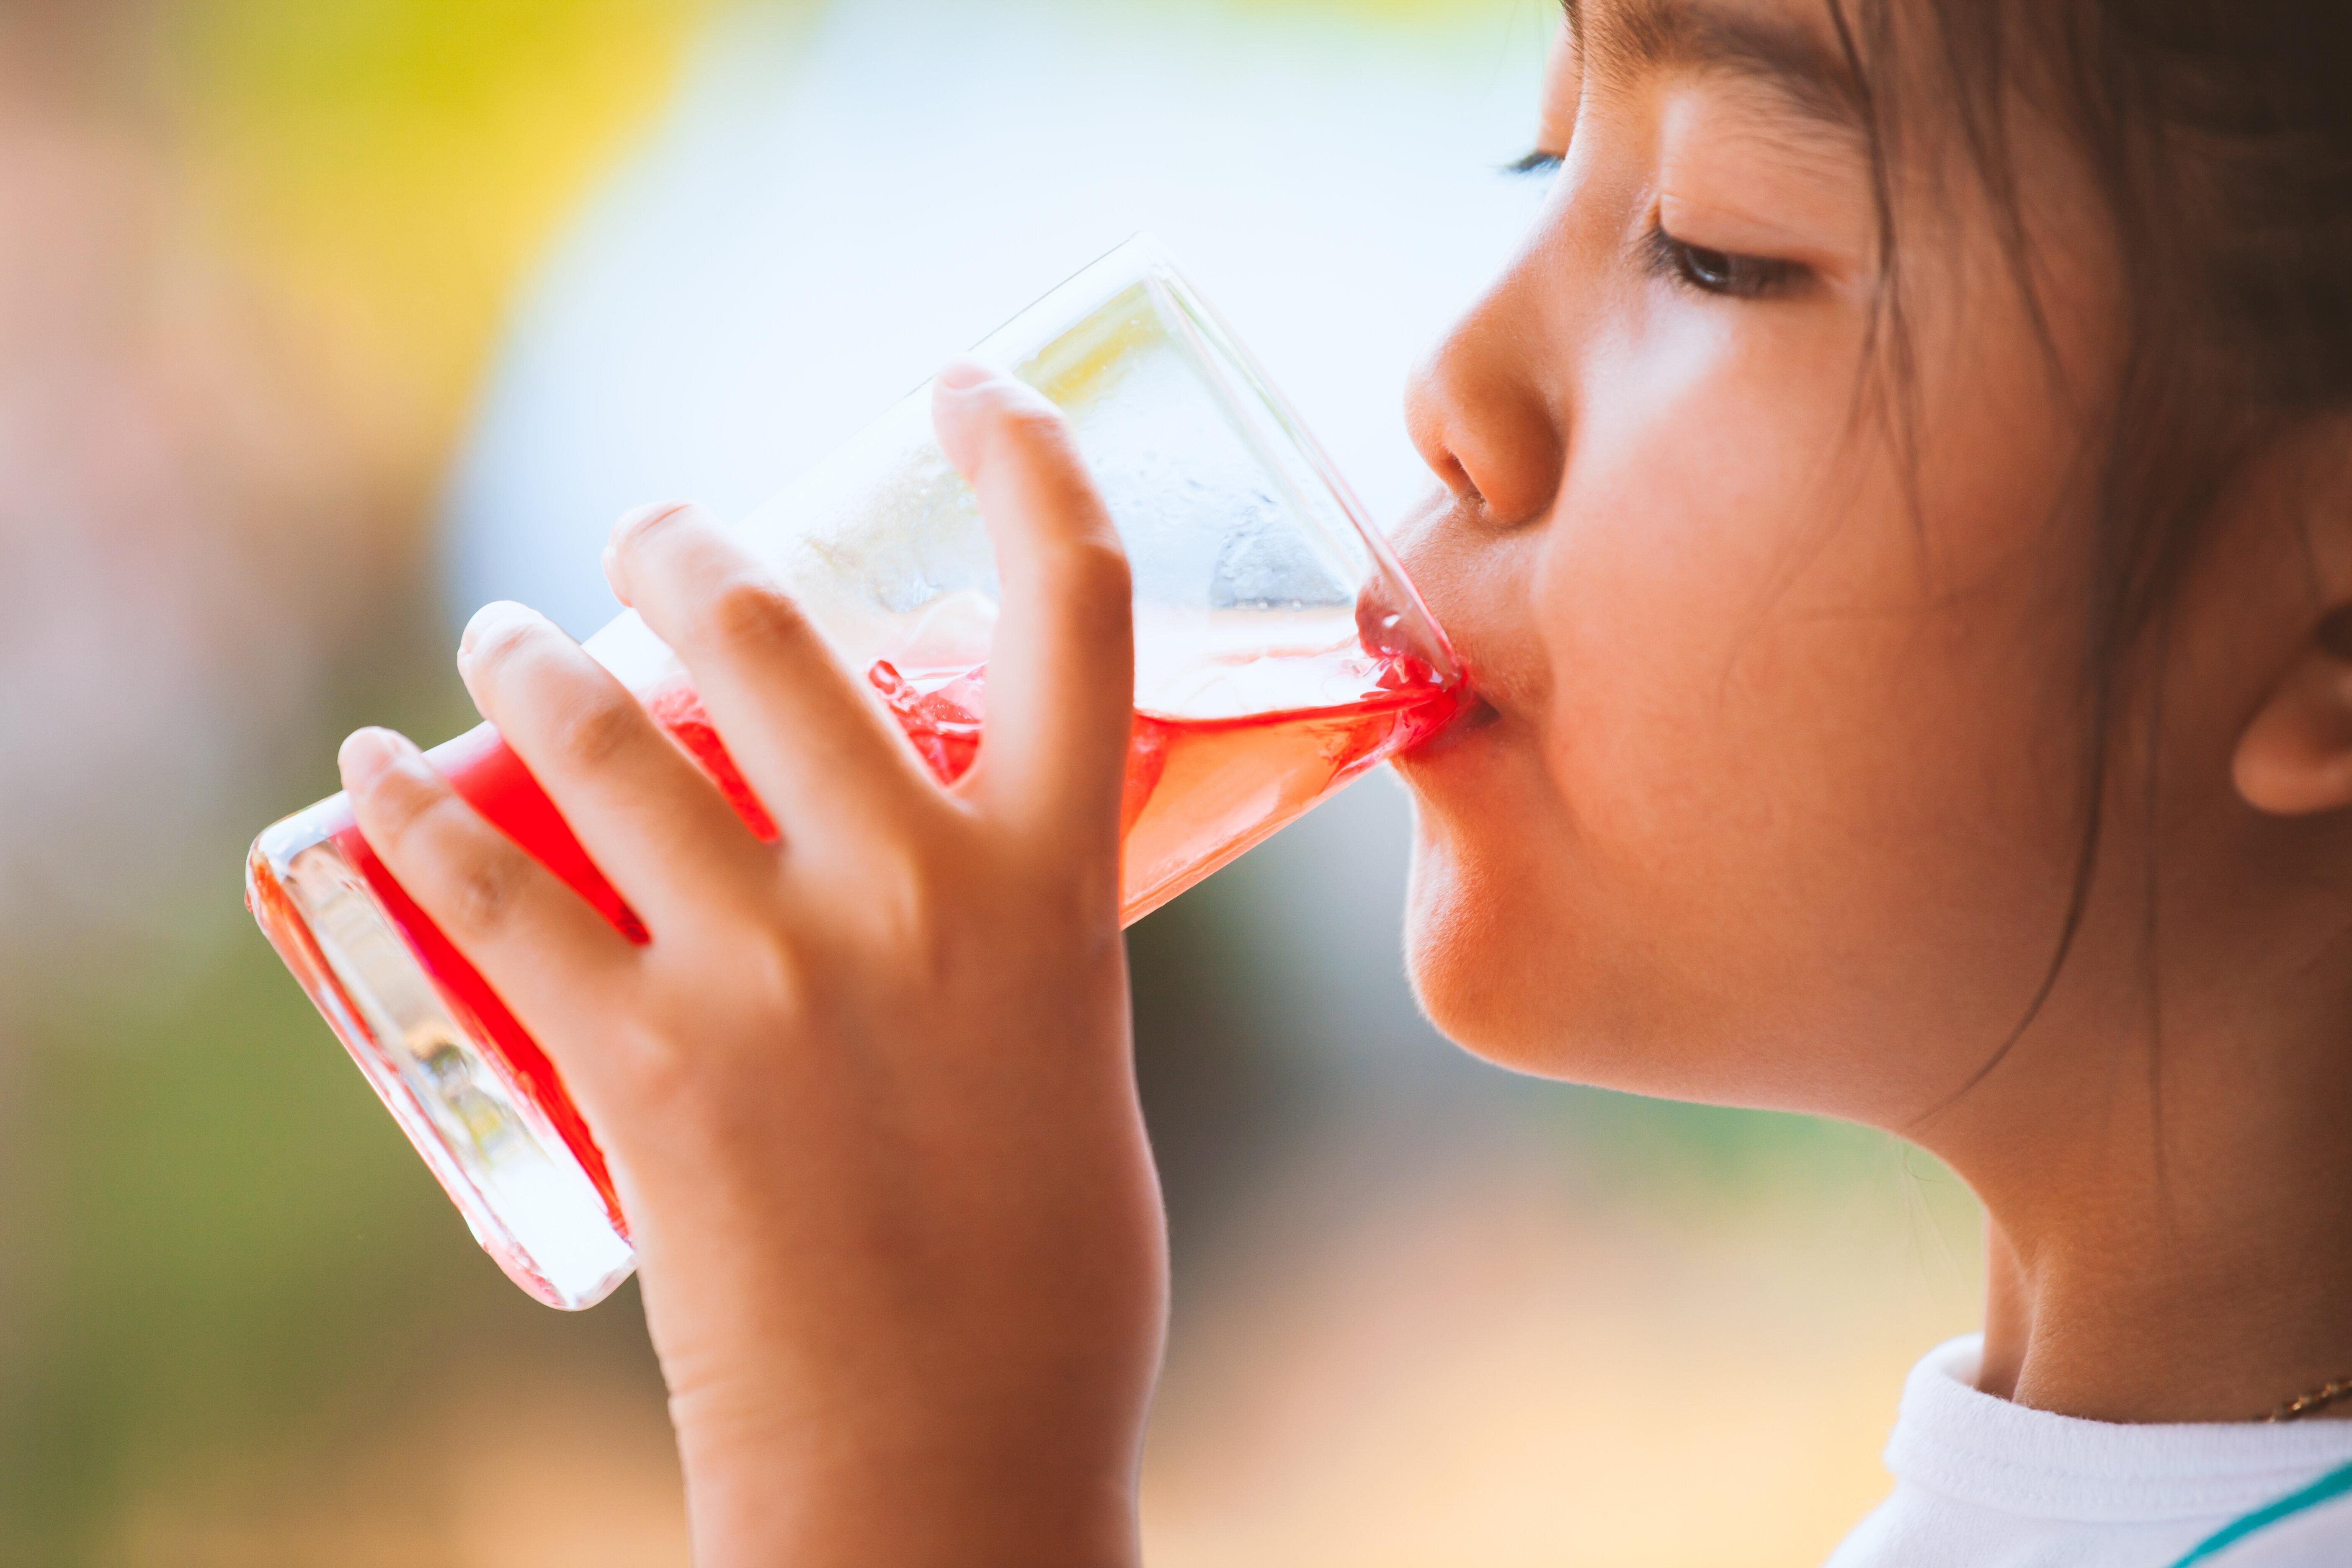 Boire du jus de fruit pourrait réduire votre durée de